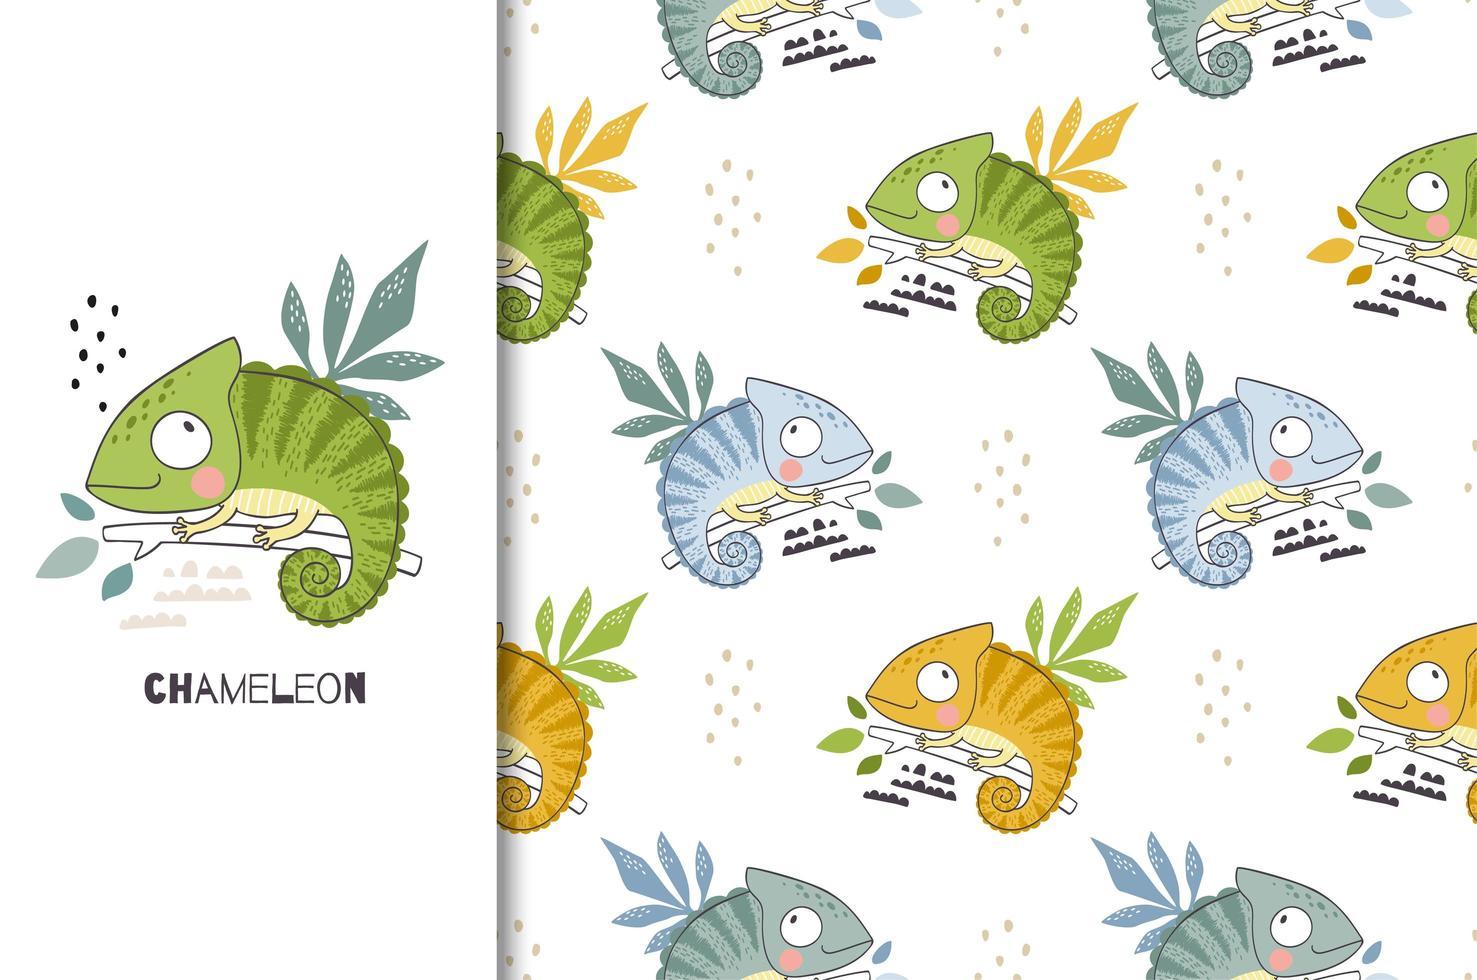 personagem camaleão bonito dos desenhos animados. cartão animal selva e padrão de fundo sem emenda. vetor